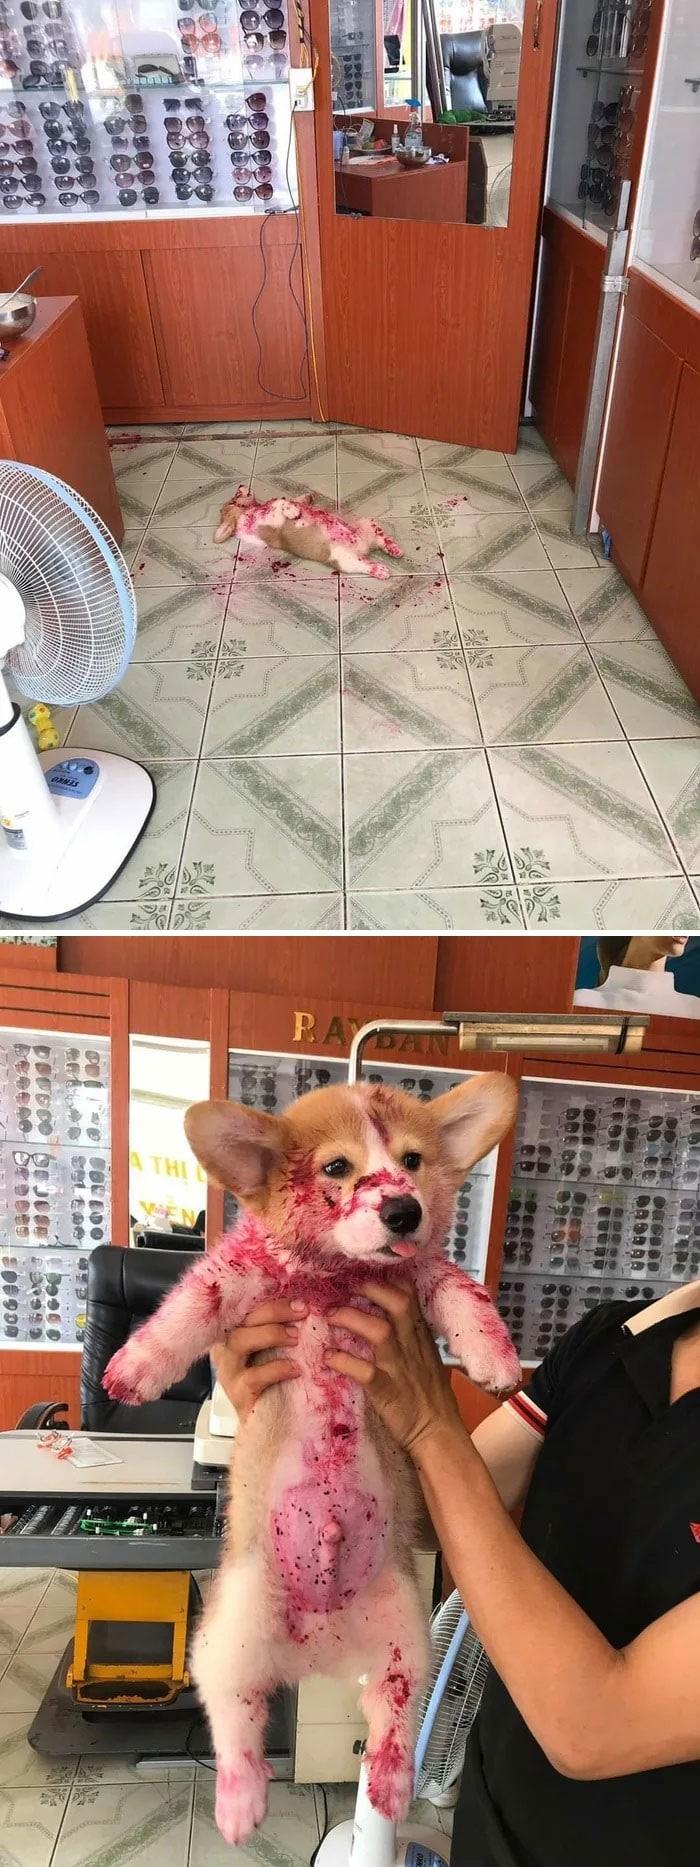 35 fotos hilárias de cachorro para colocar um sorriso em seu rosto 28